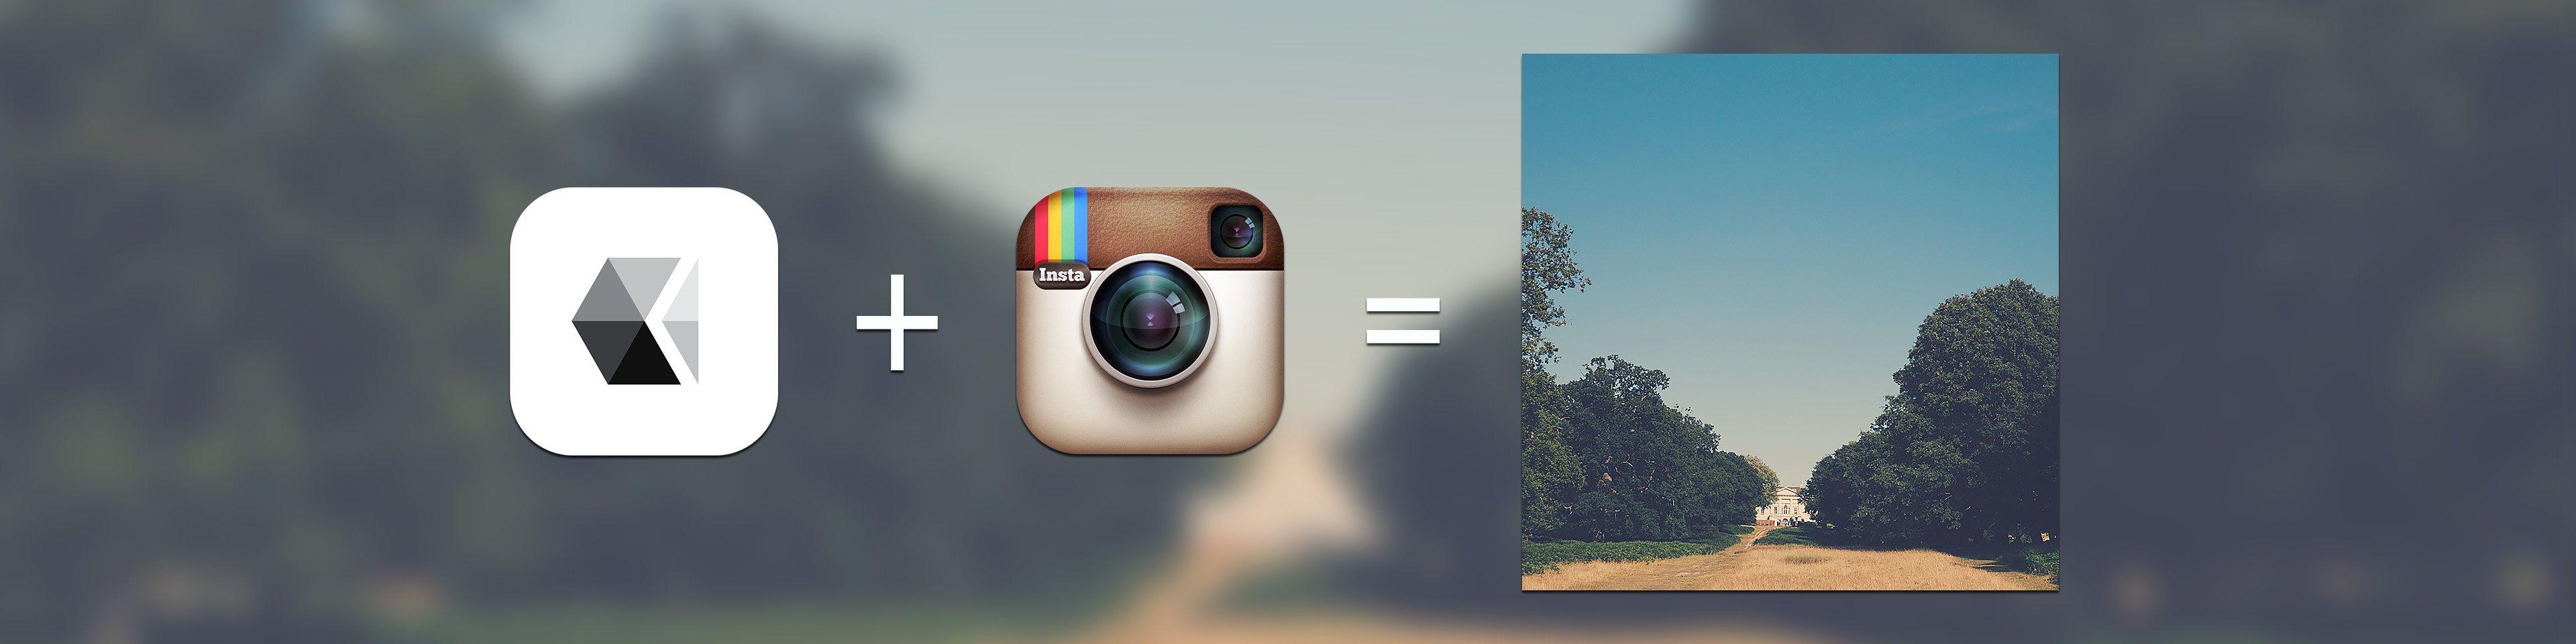 VSCO + Instagram